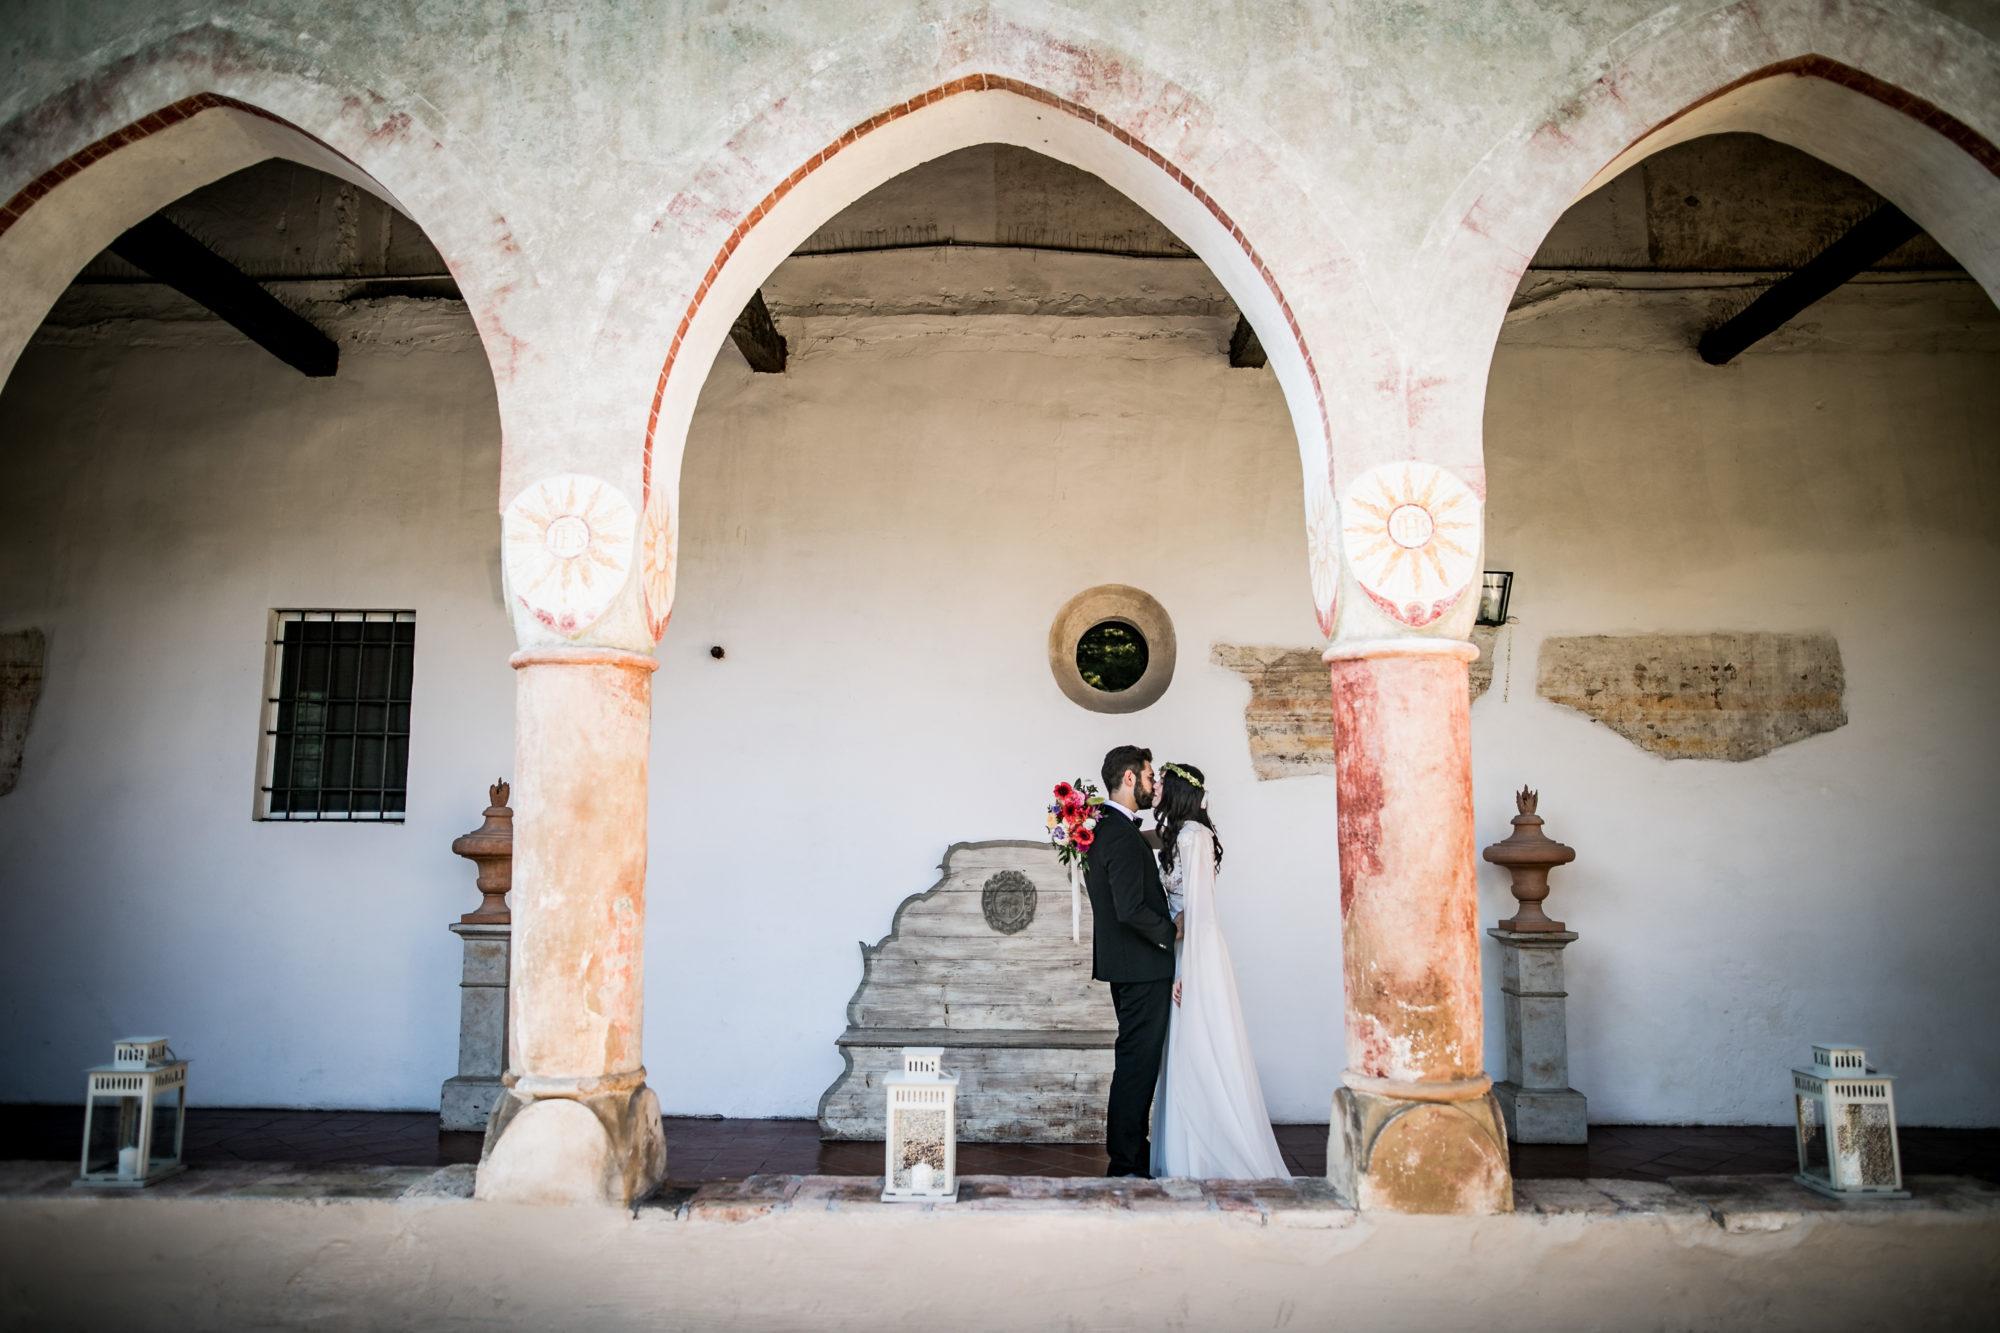 0021_gilberti_ricca_convento_annunciata_fotografi_matrimonio